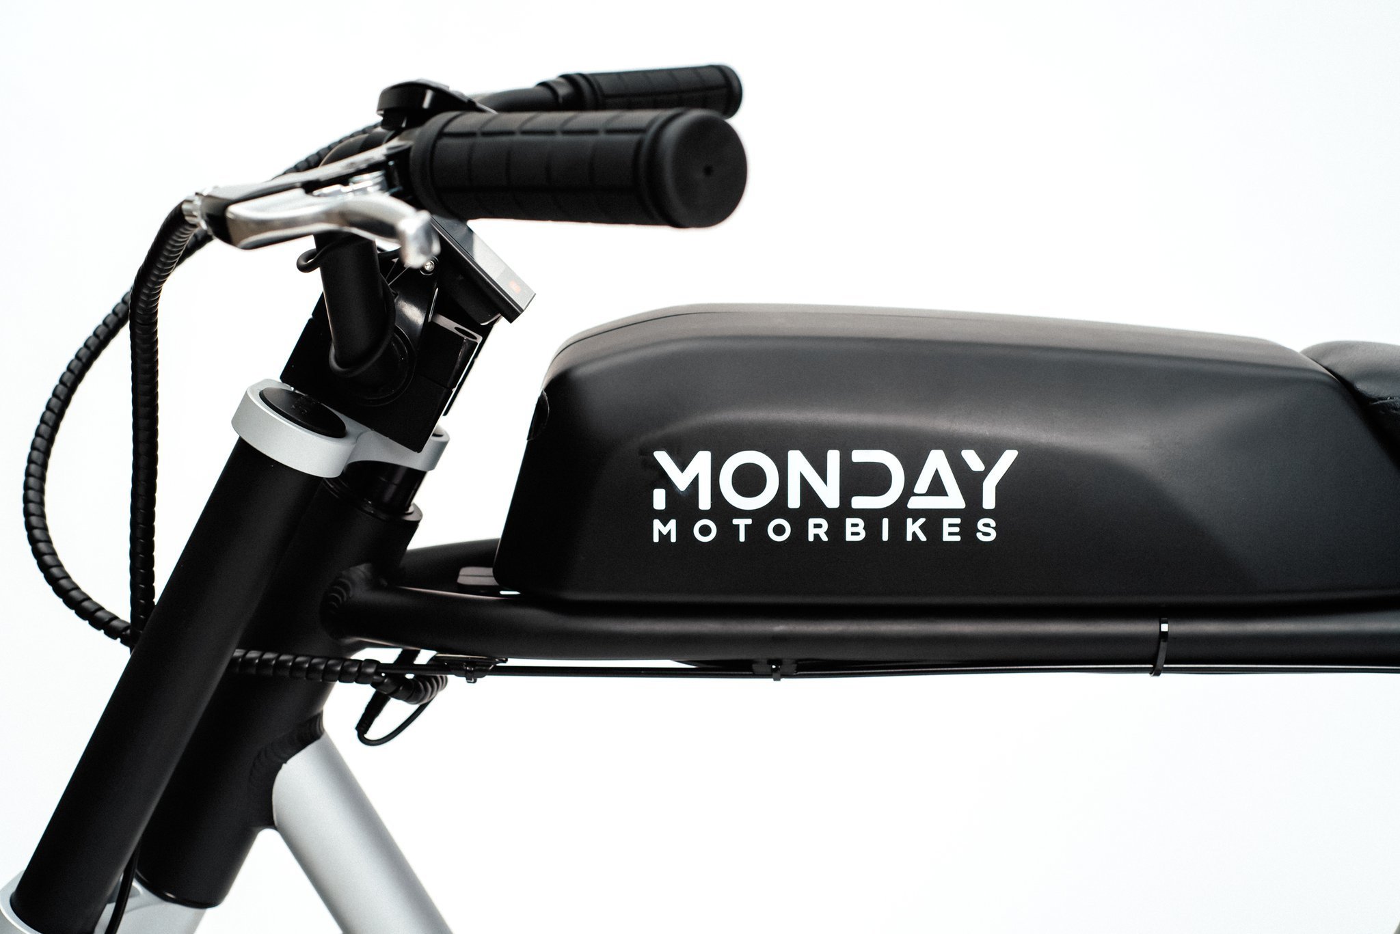 Anza od Monday Motorbikes, to obecnie najtańszy motorower